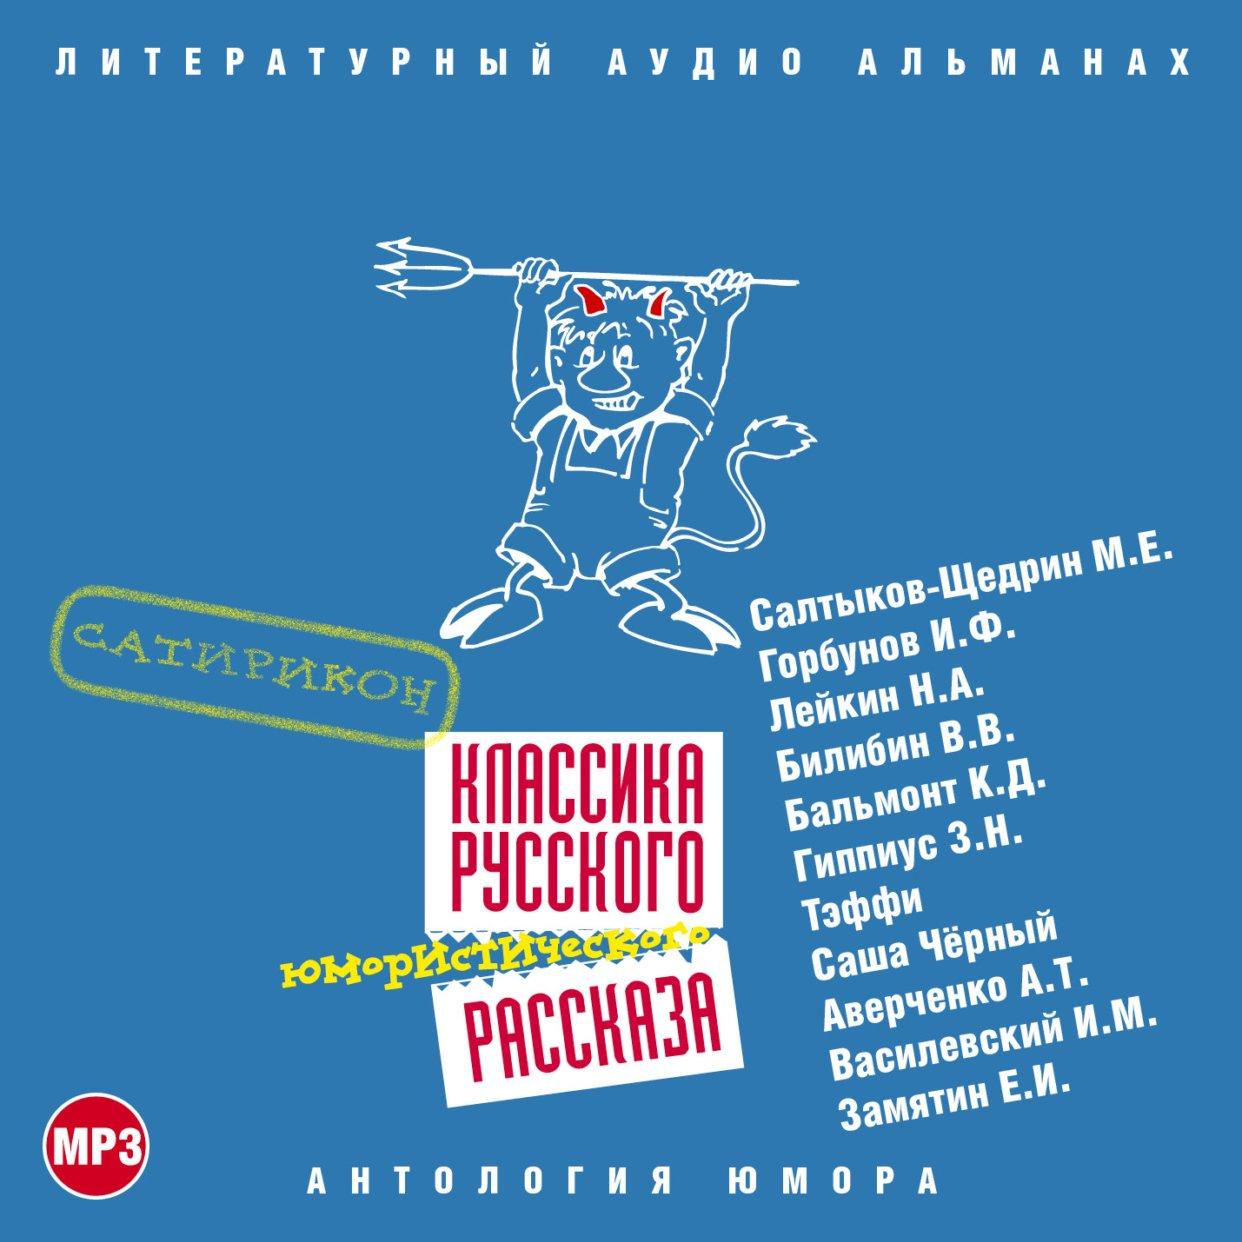 Классика русского юмористического рассказа № 3